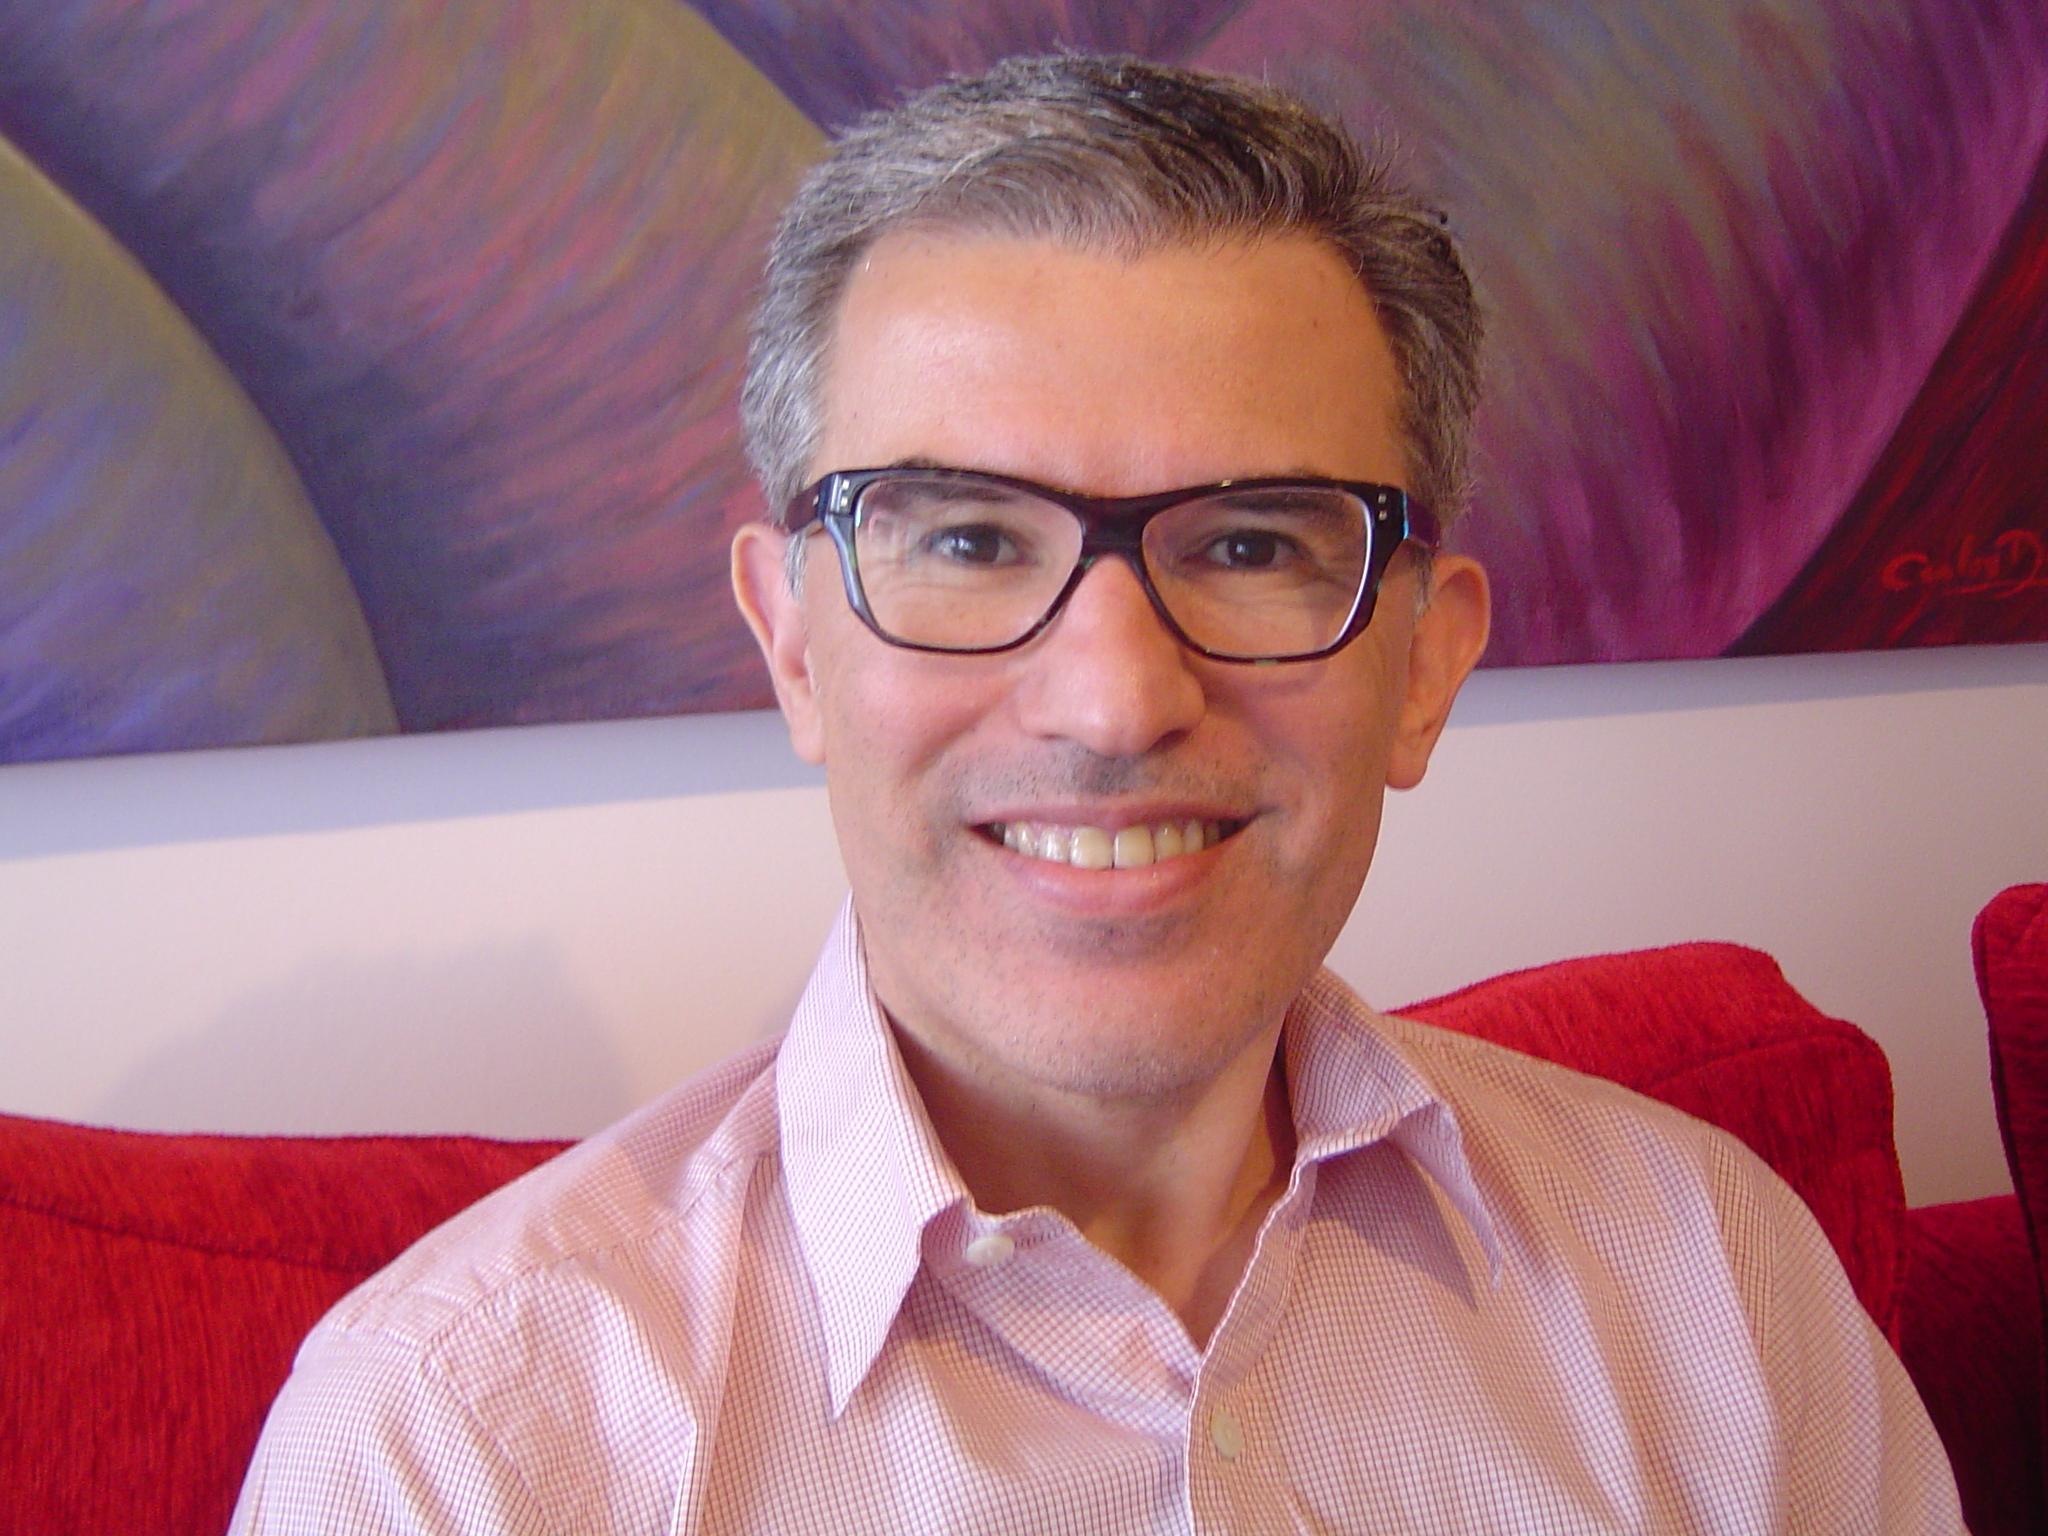 Mariano Grasselli